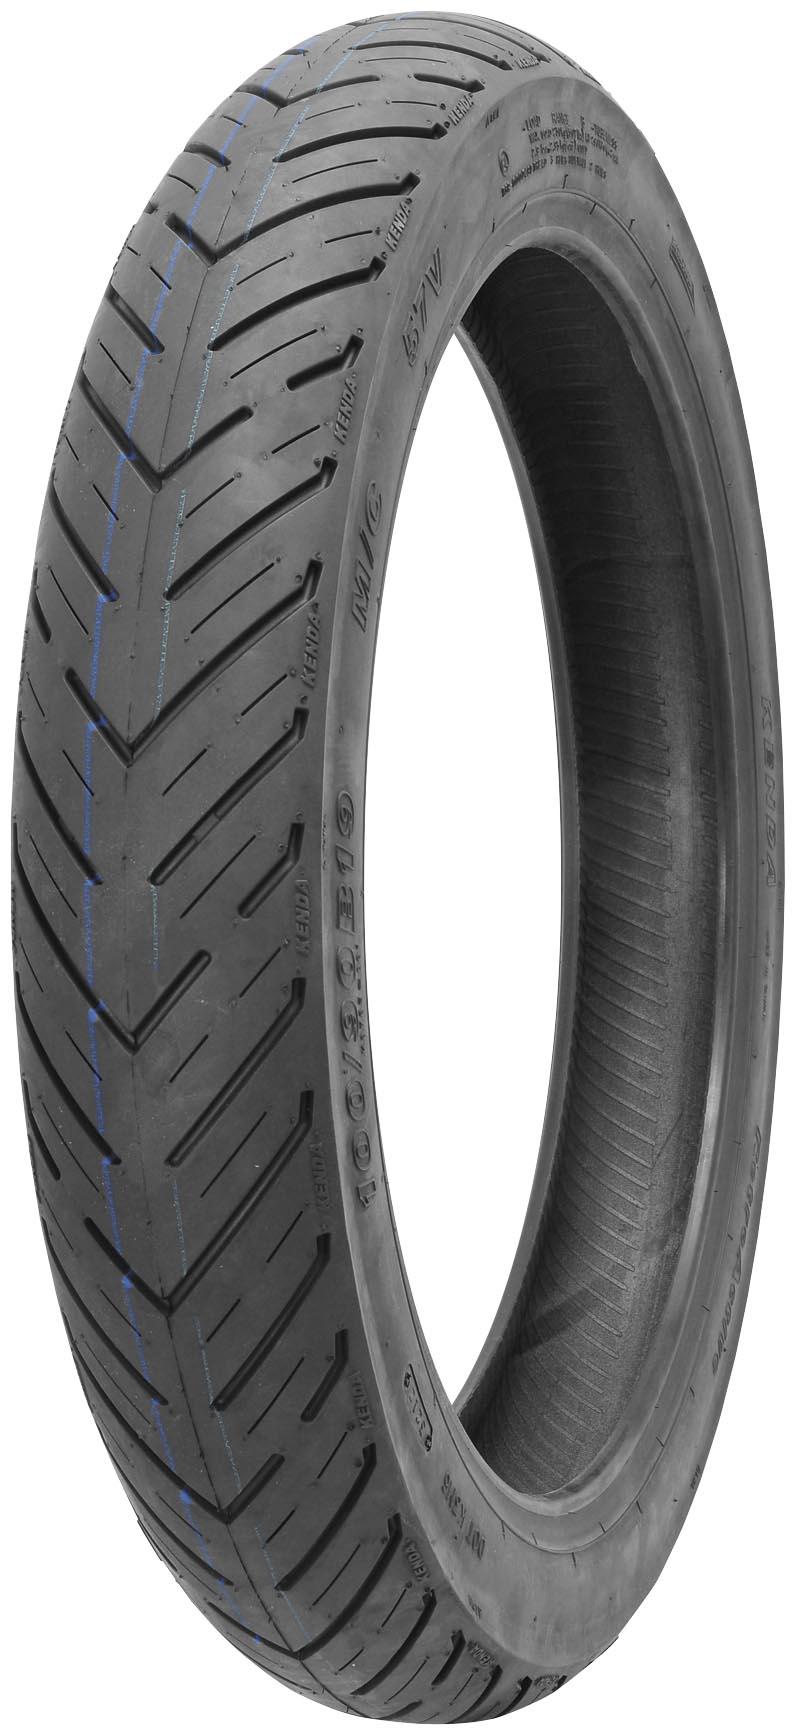 K676 Retroactive Tire